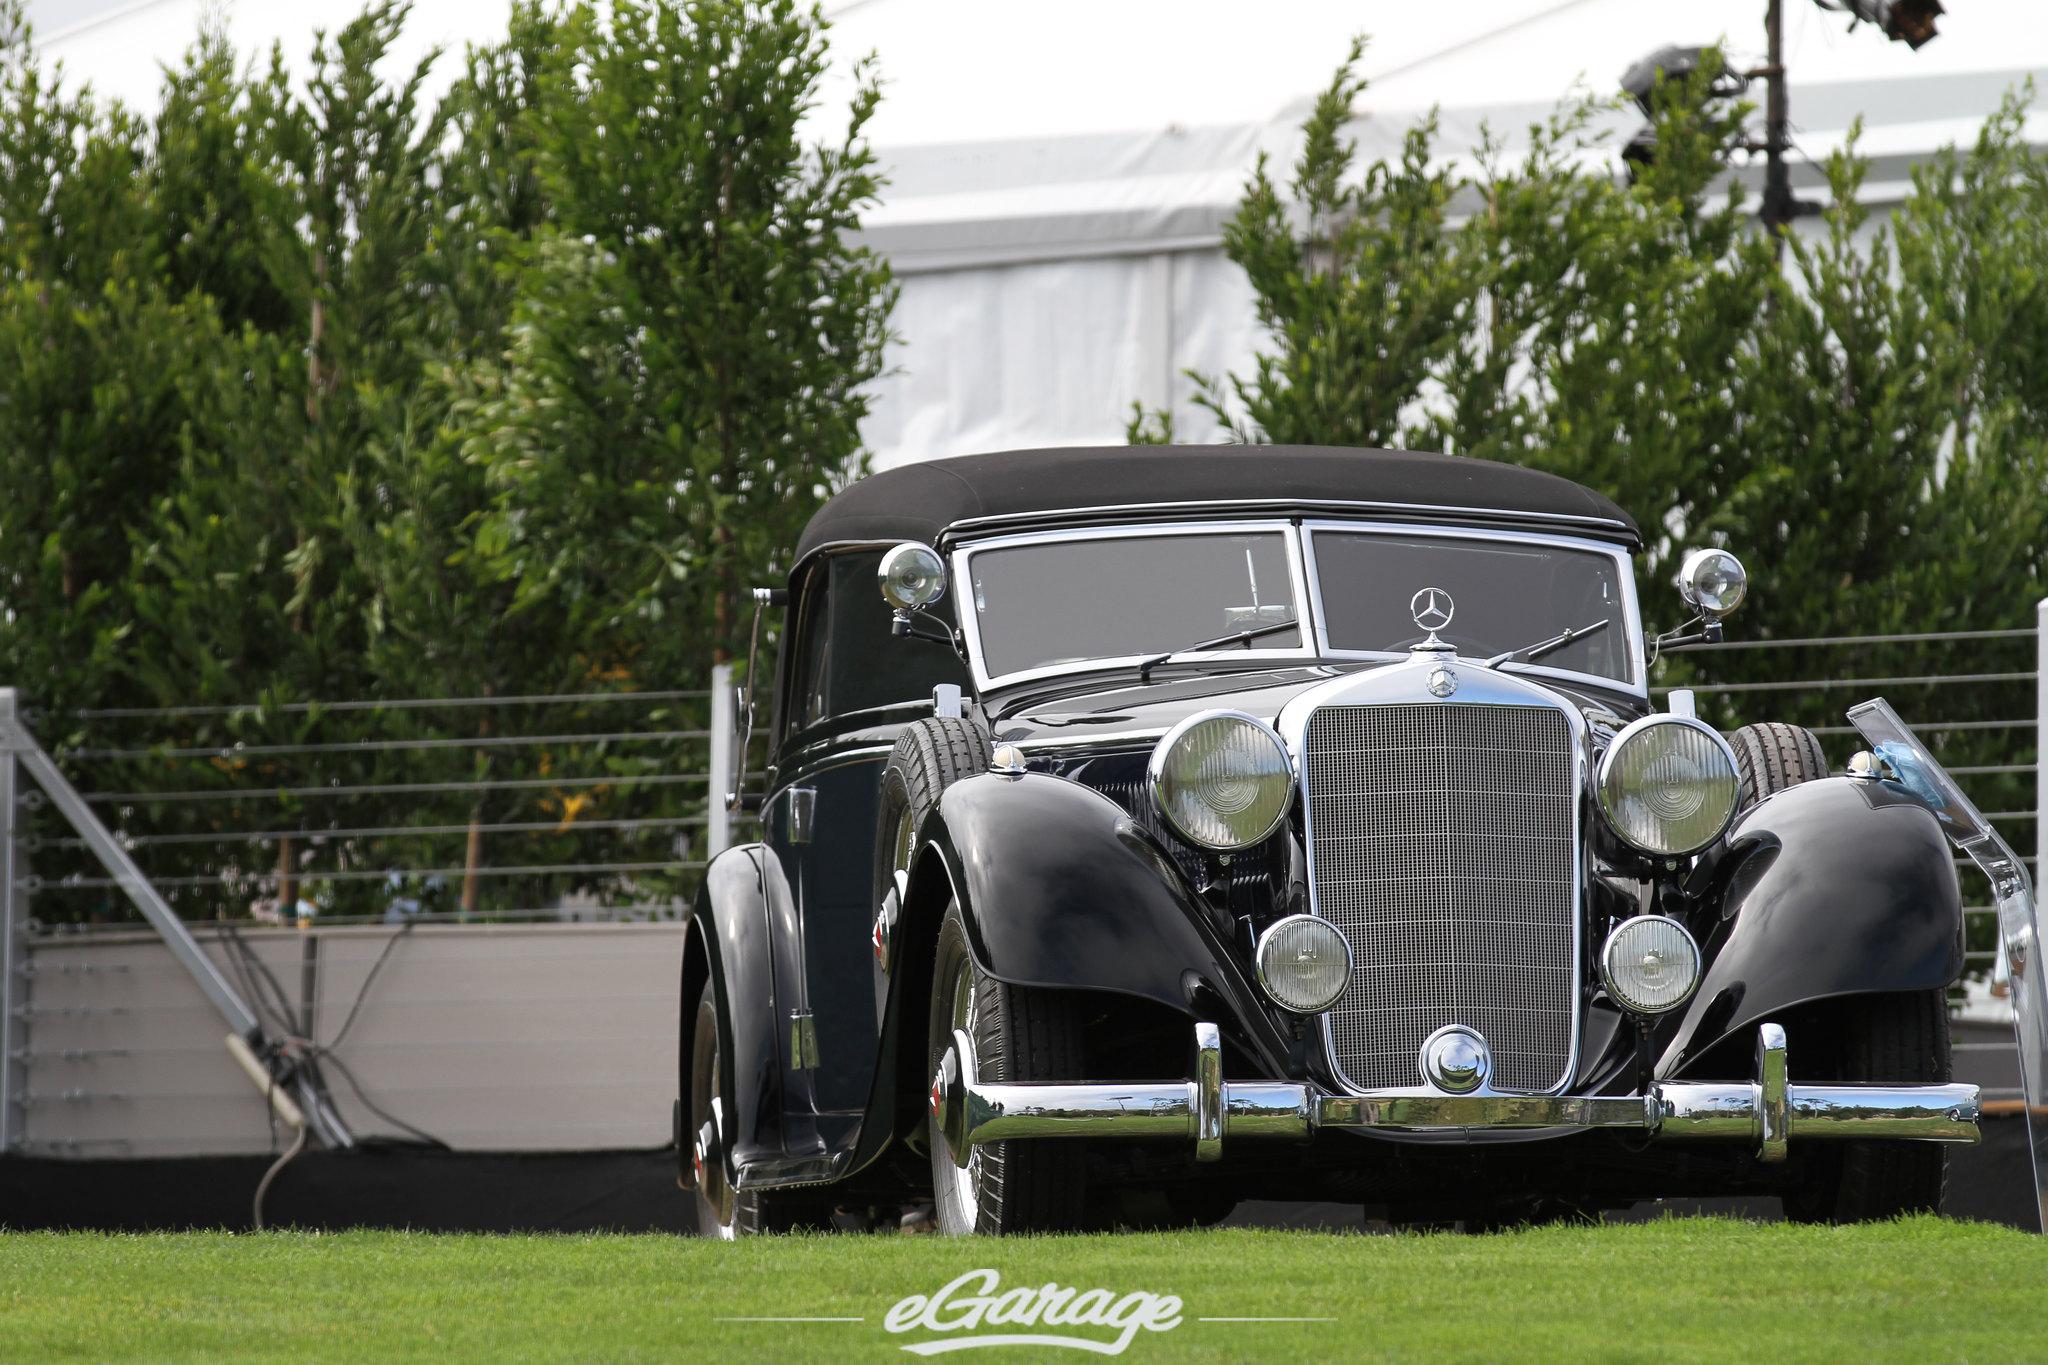 7828697472 69698389f0 k Mercedes Benz Classic